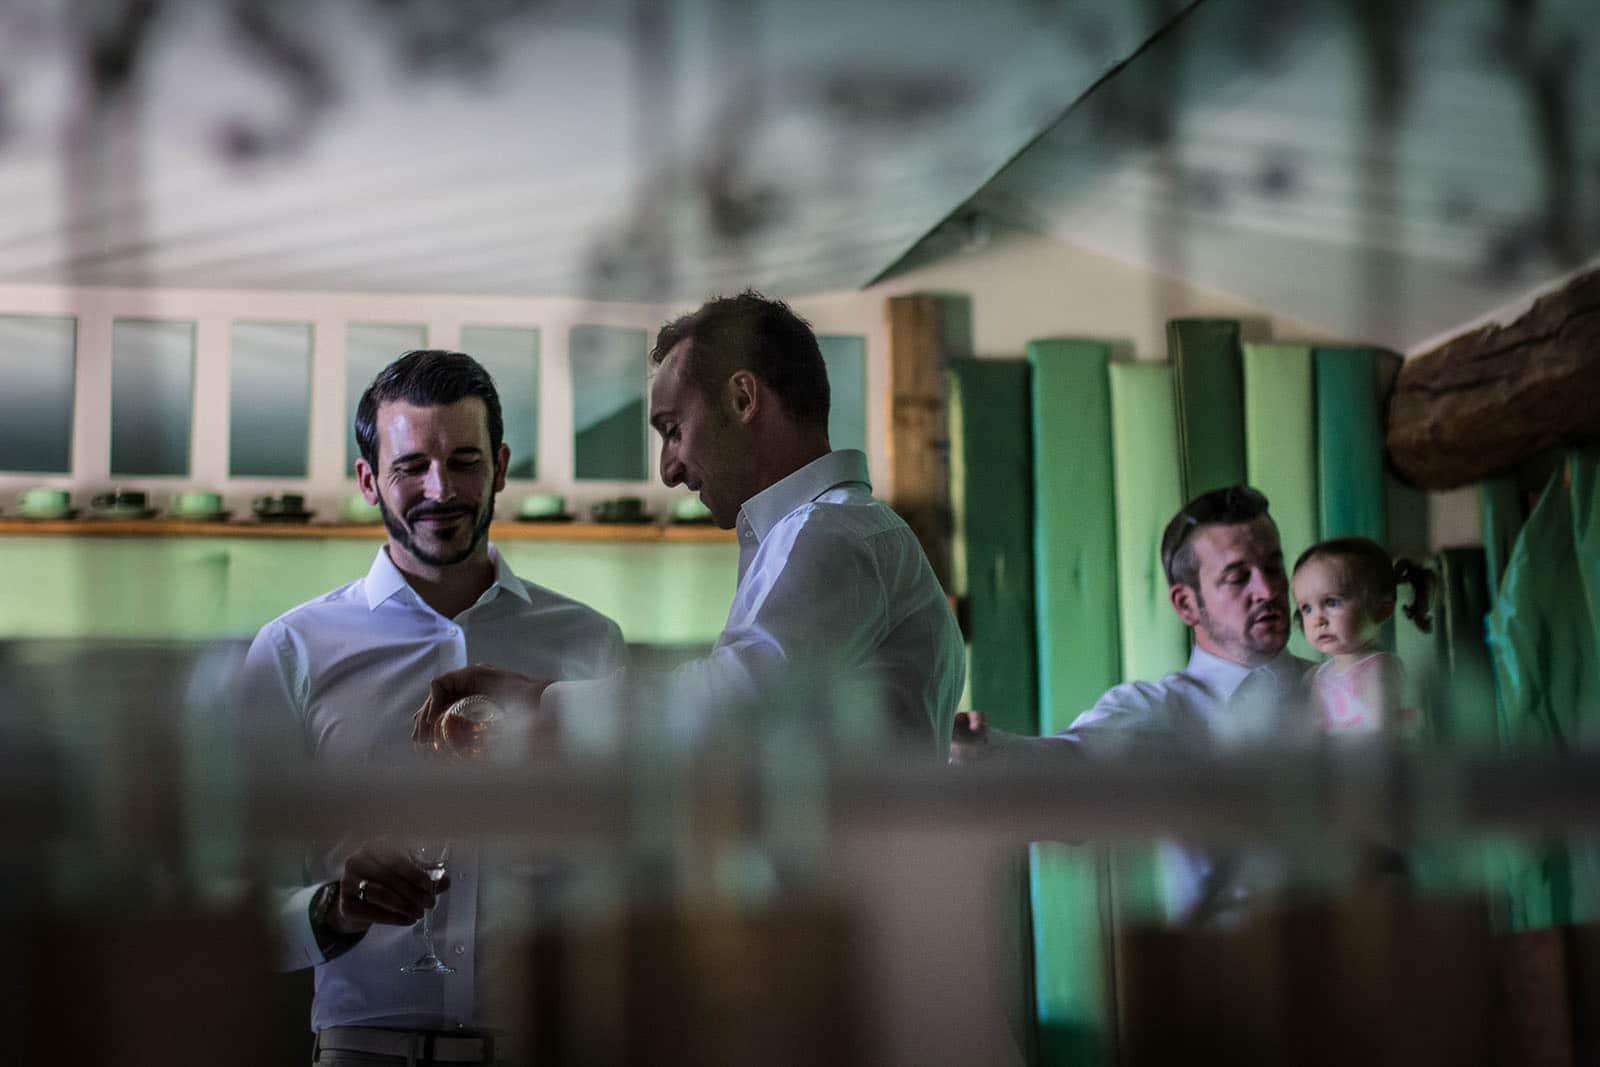 mariage comptoir saint hilaire reflet dans le miroir, le marié boit un verre avec ses amis. Photo réalisée par Castille ALMA photographe de mariage au Comptoir Saint Hilaire dans le Gard.